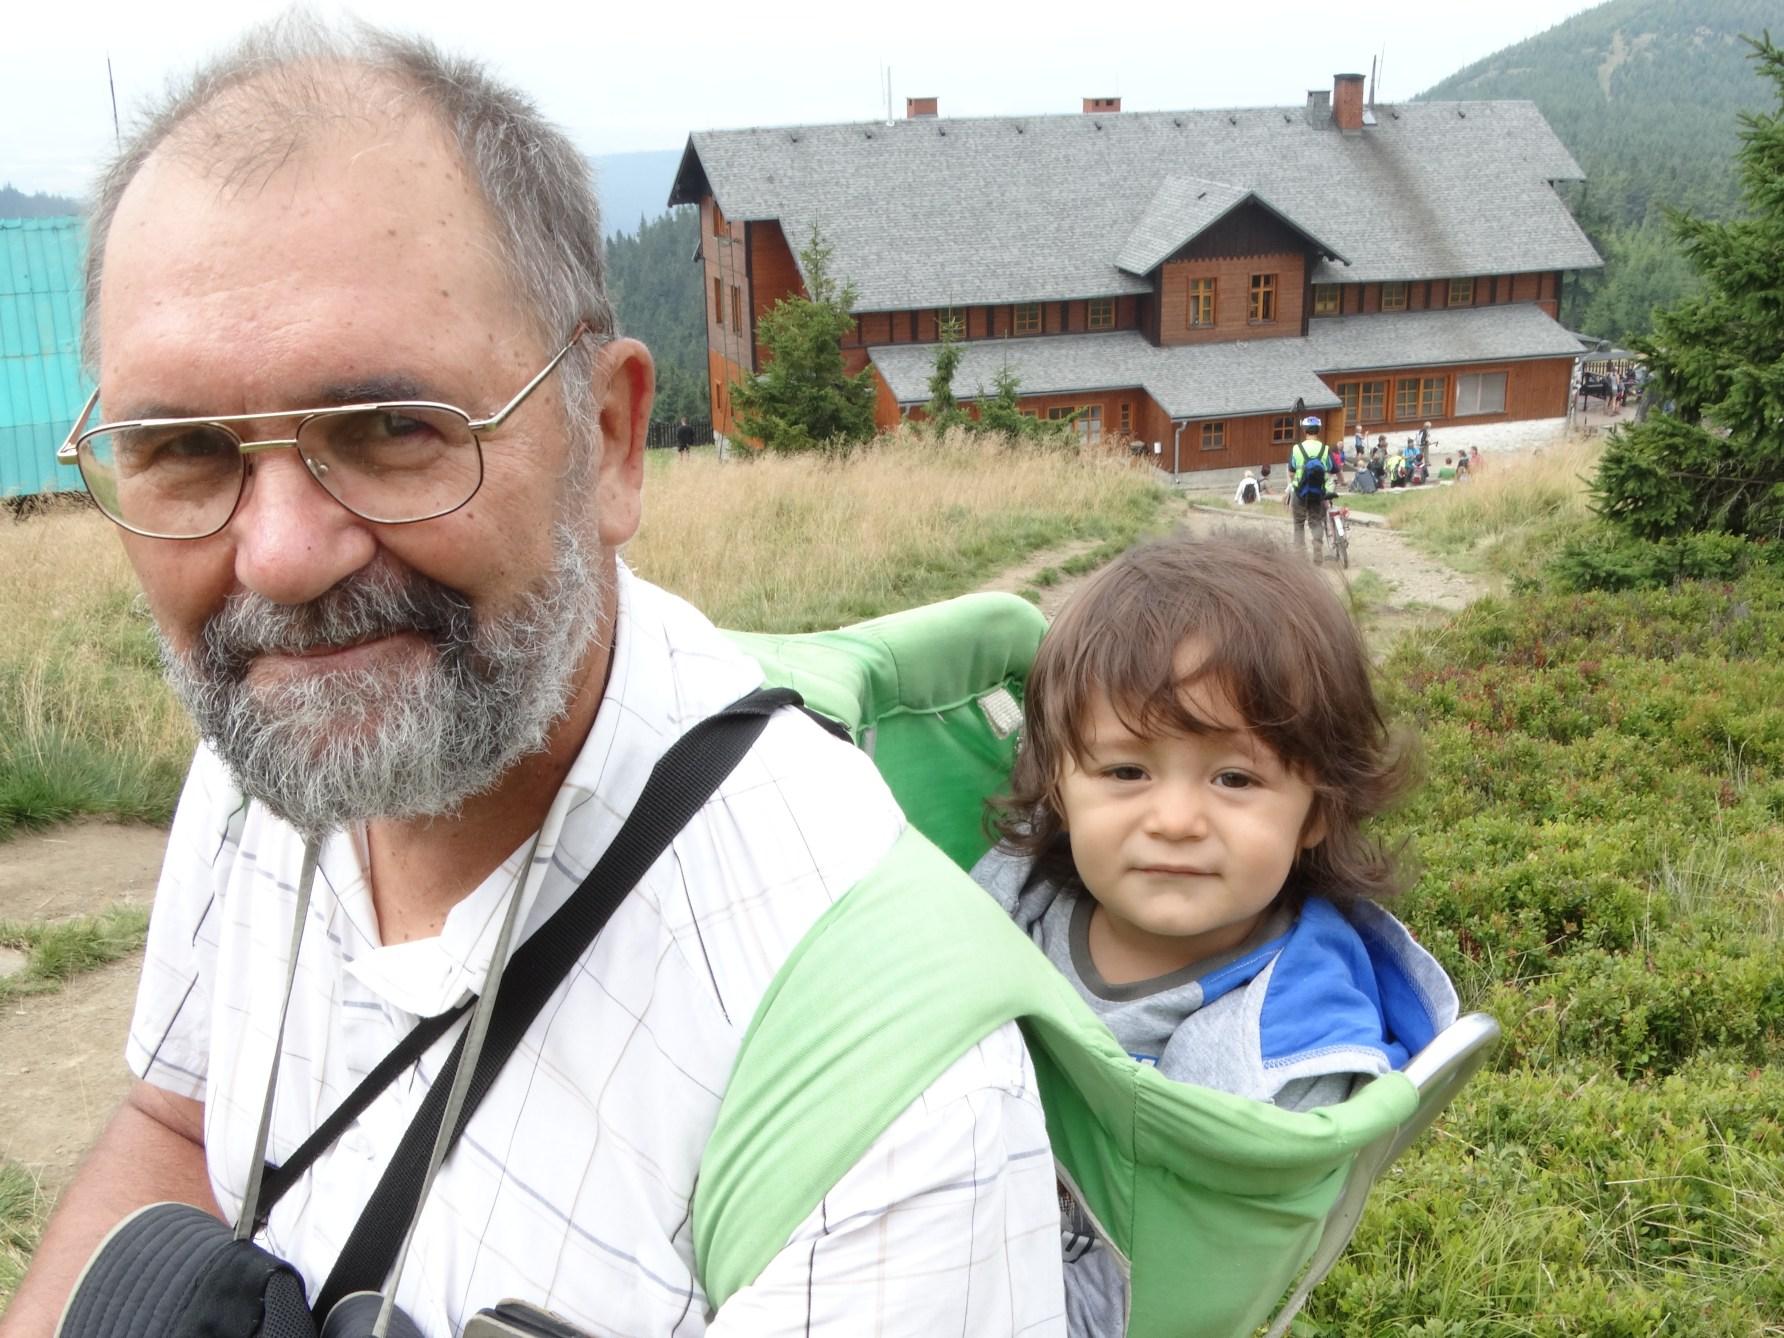 Zygmunt Cywiński, Przewodnik 032